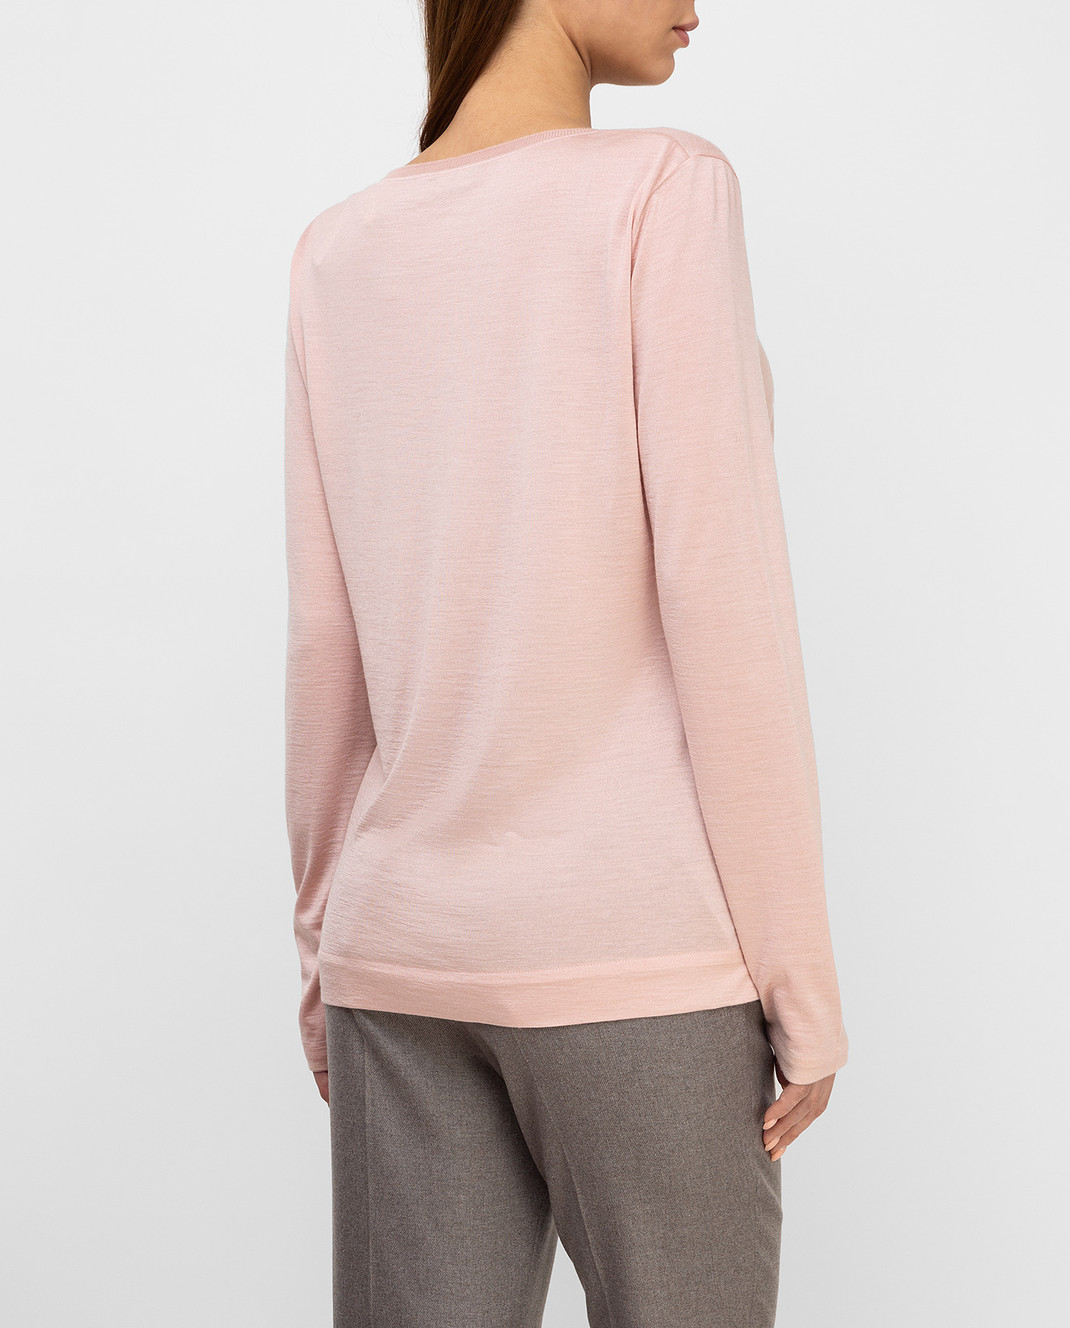 Loro Piana Розовый джемпер из кашемира и шелка F2FAE5730 изображение 4